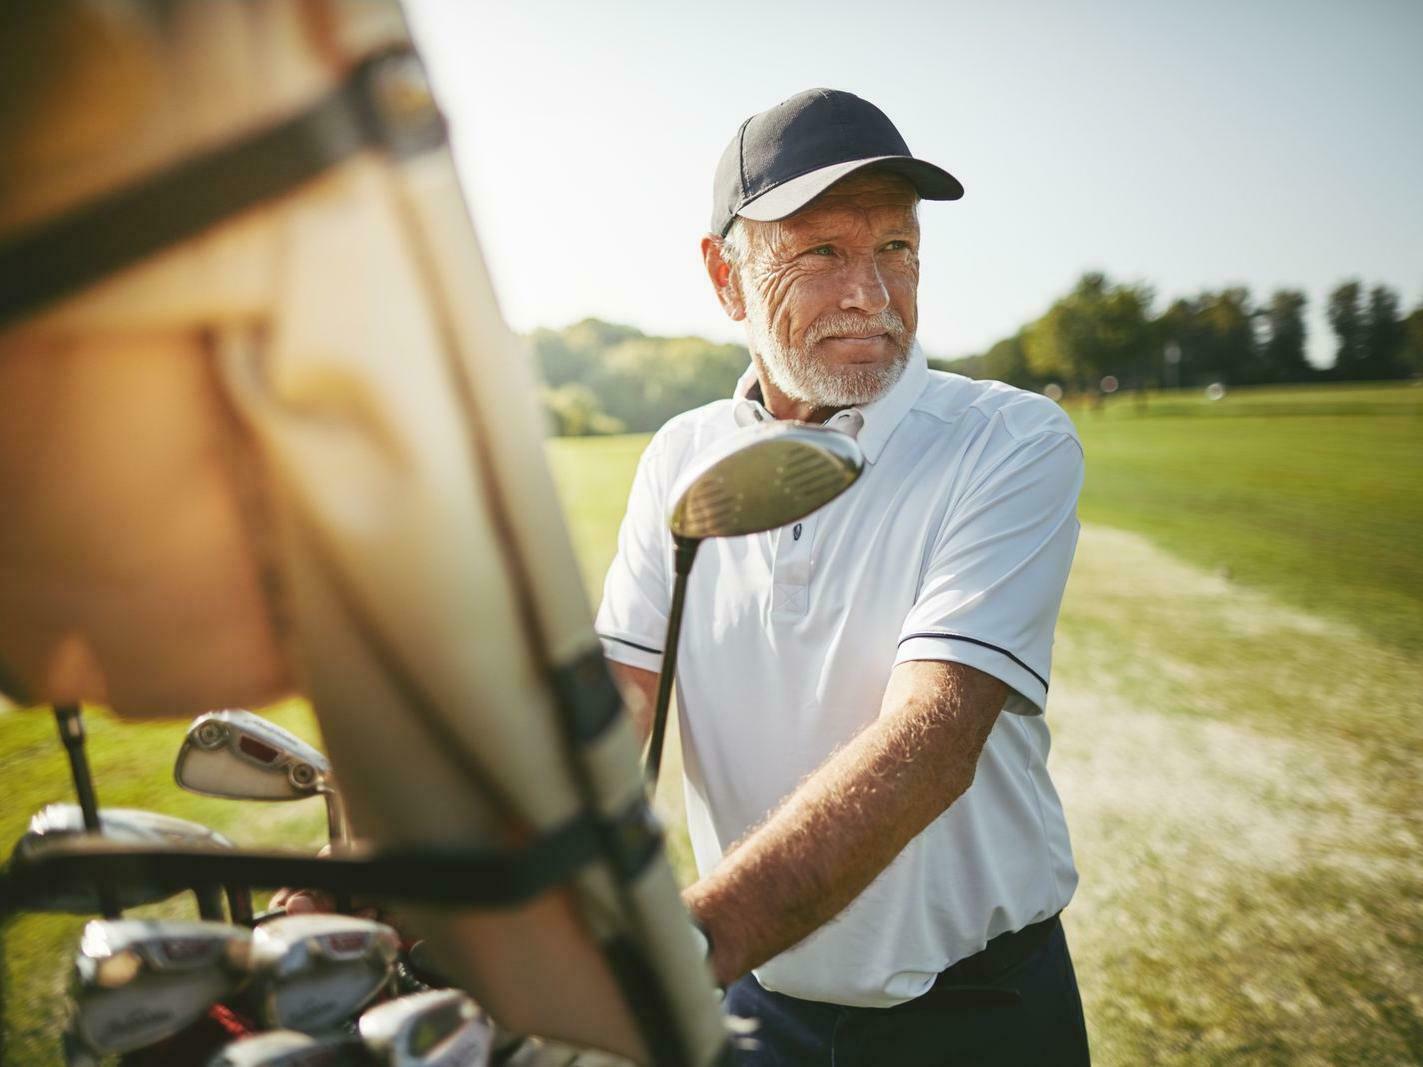 man standing near golf cart